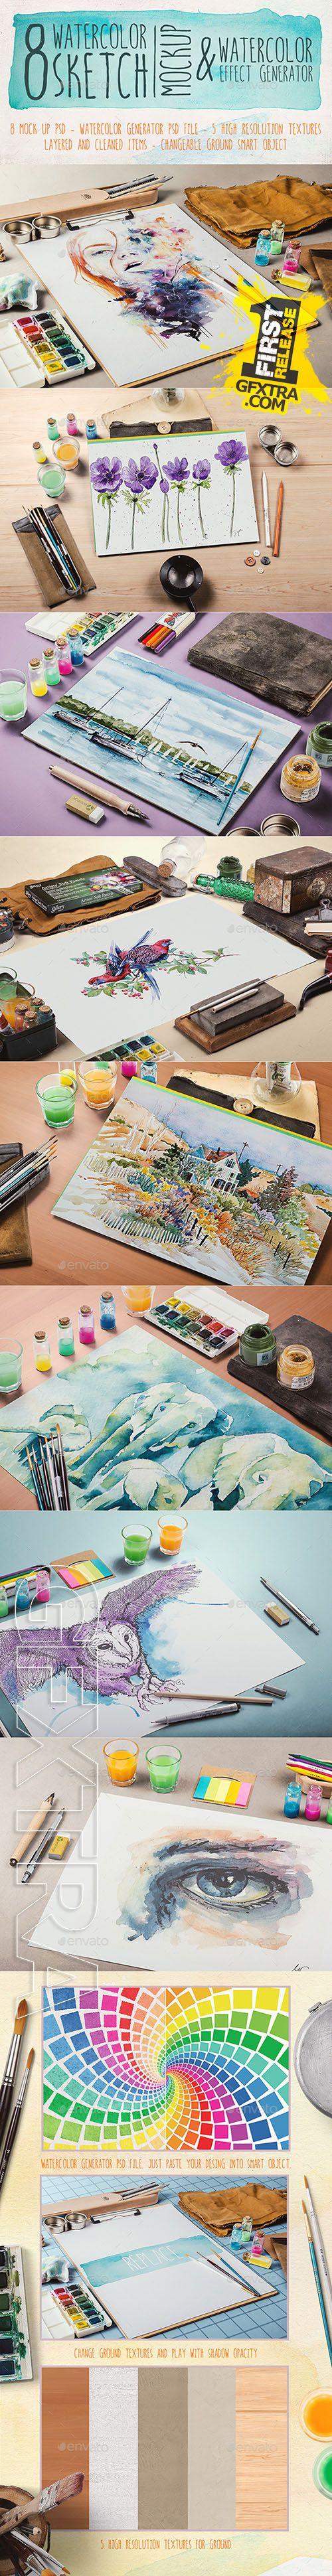 Graphicriver - Watercolor Sketch Mock Up 9008718